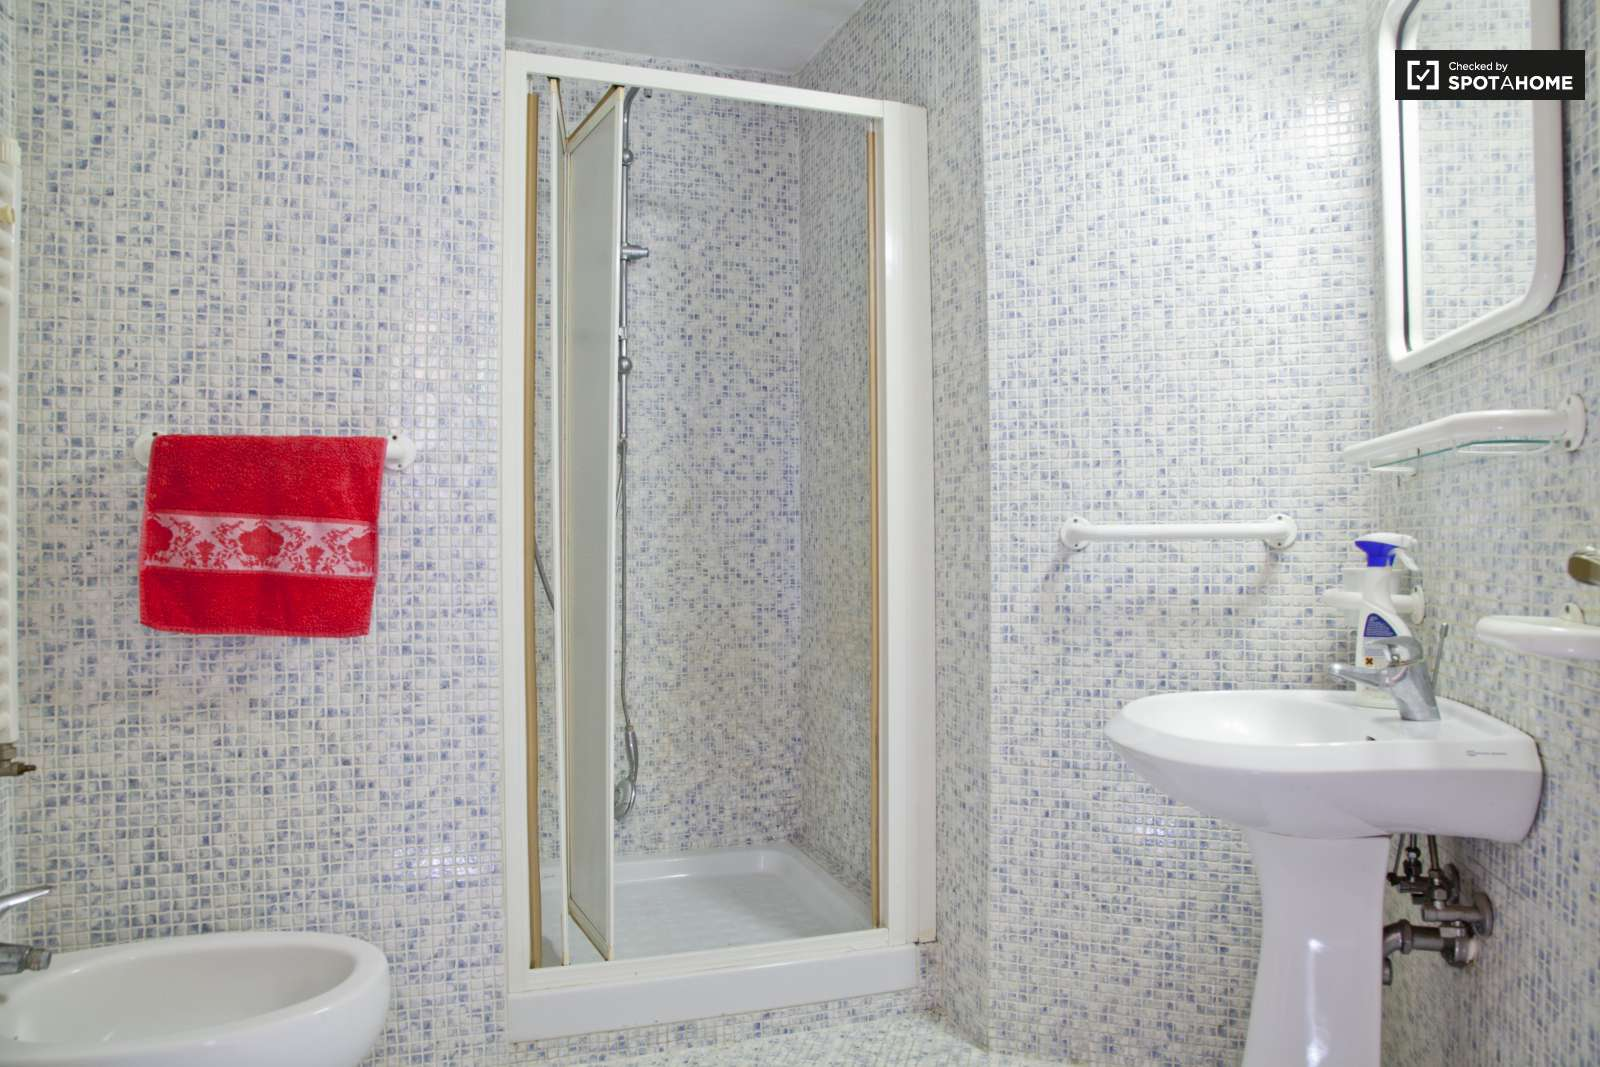 Stanza in affitto in un appartamento con 2 camere da letto for 3 camere da letto 3 piani del bagno